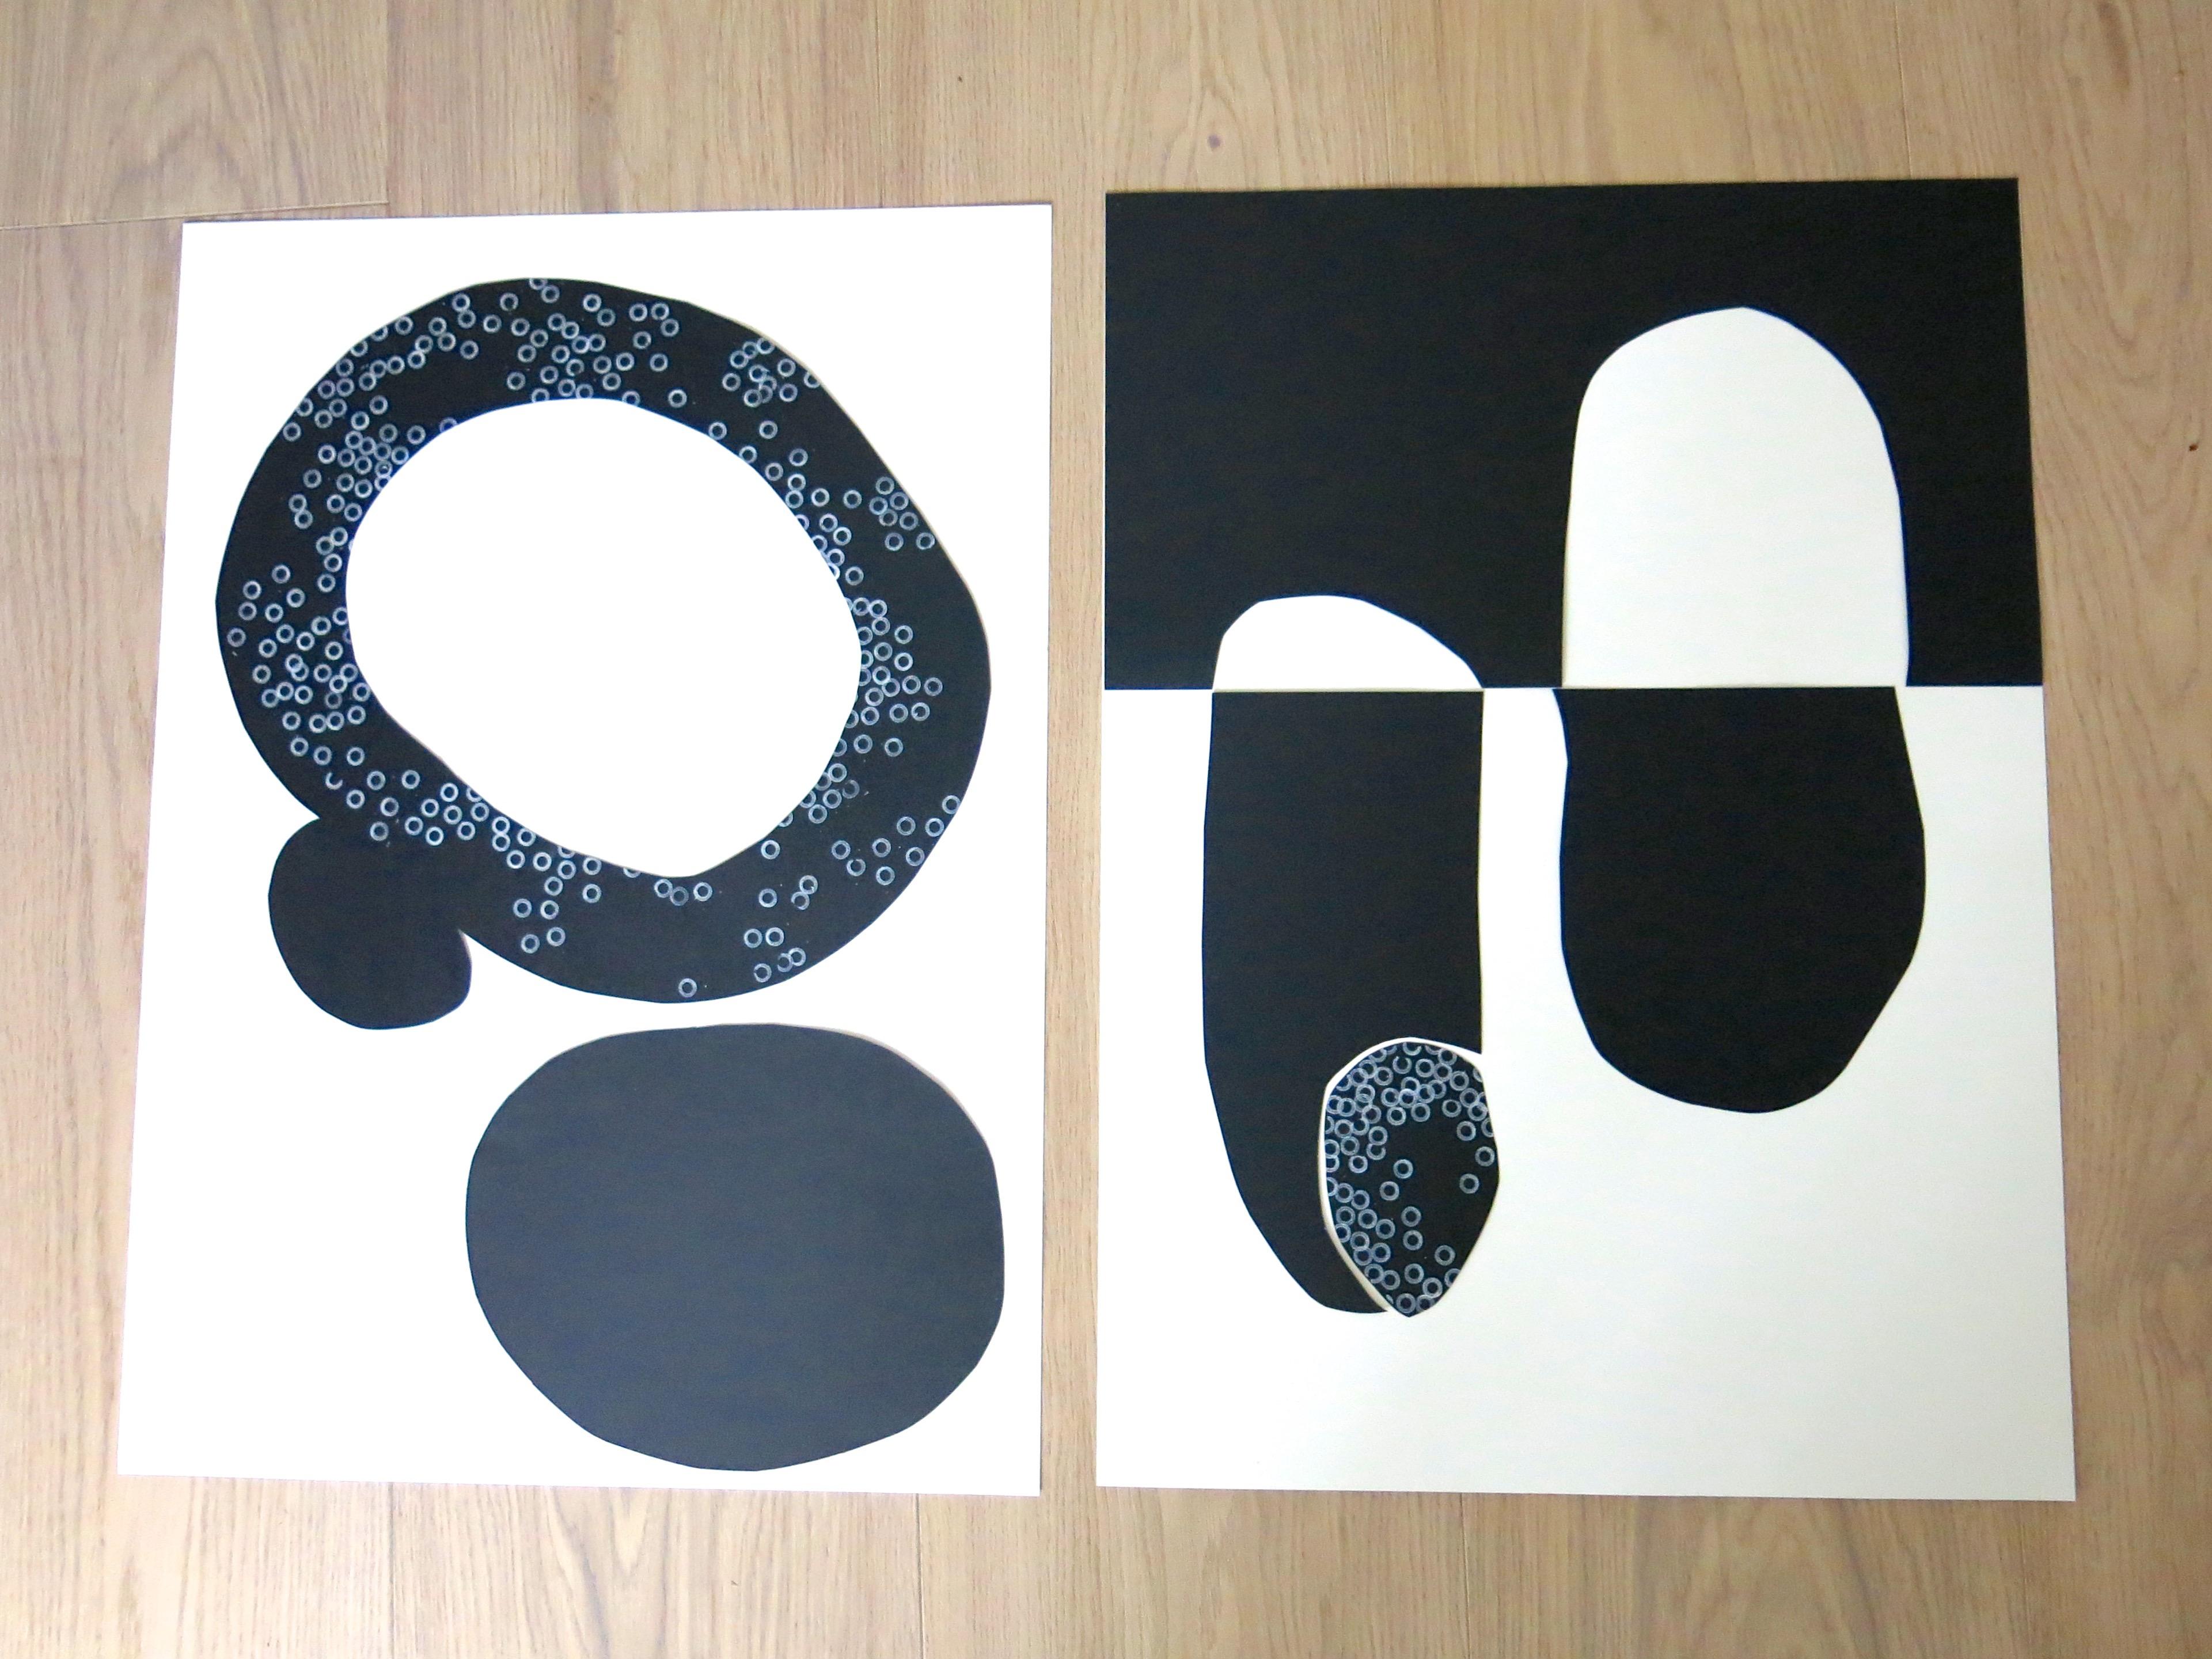 Poster Selber Machen: Poster Einfach Selber Machen